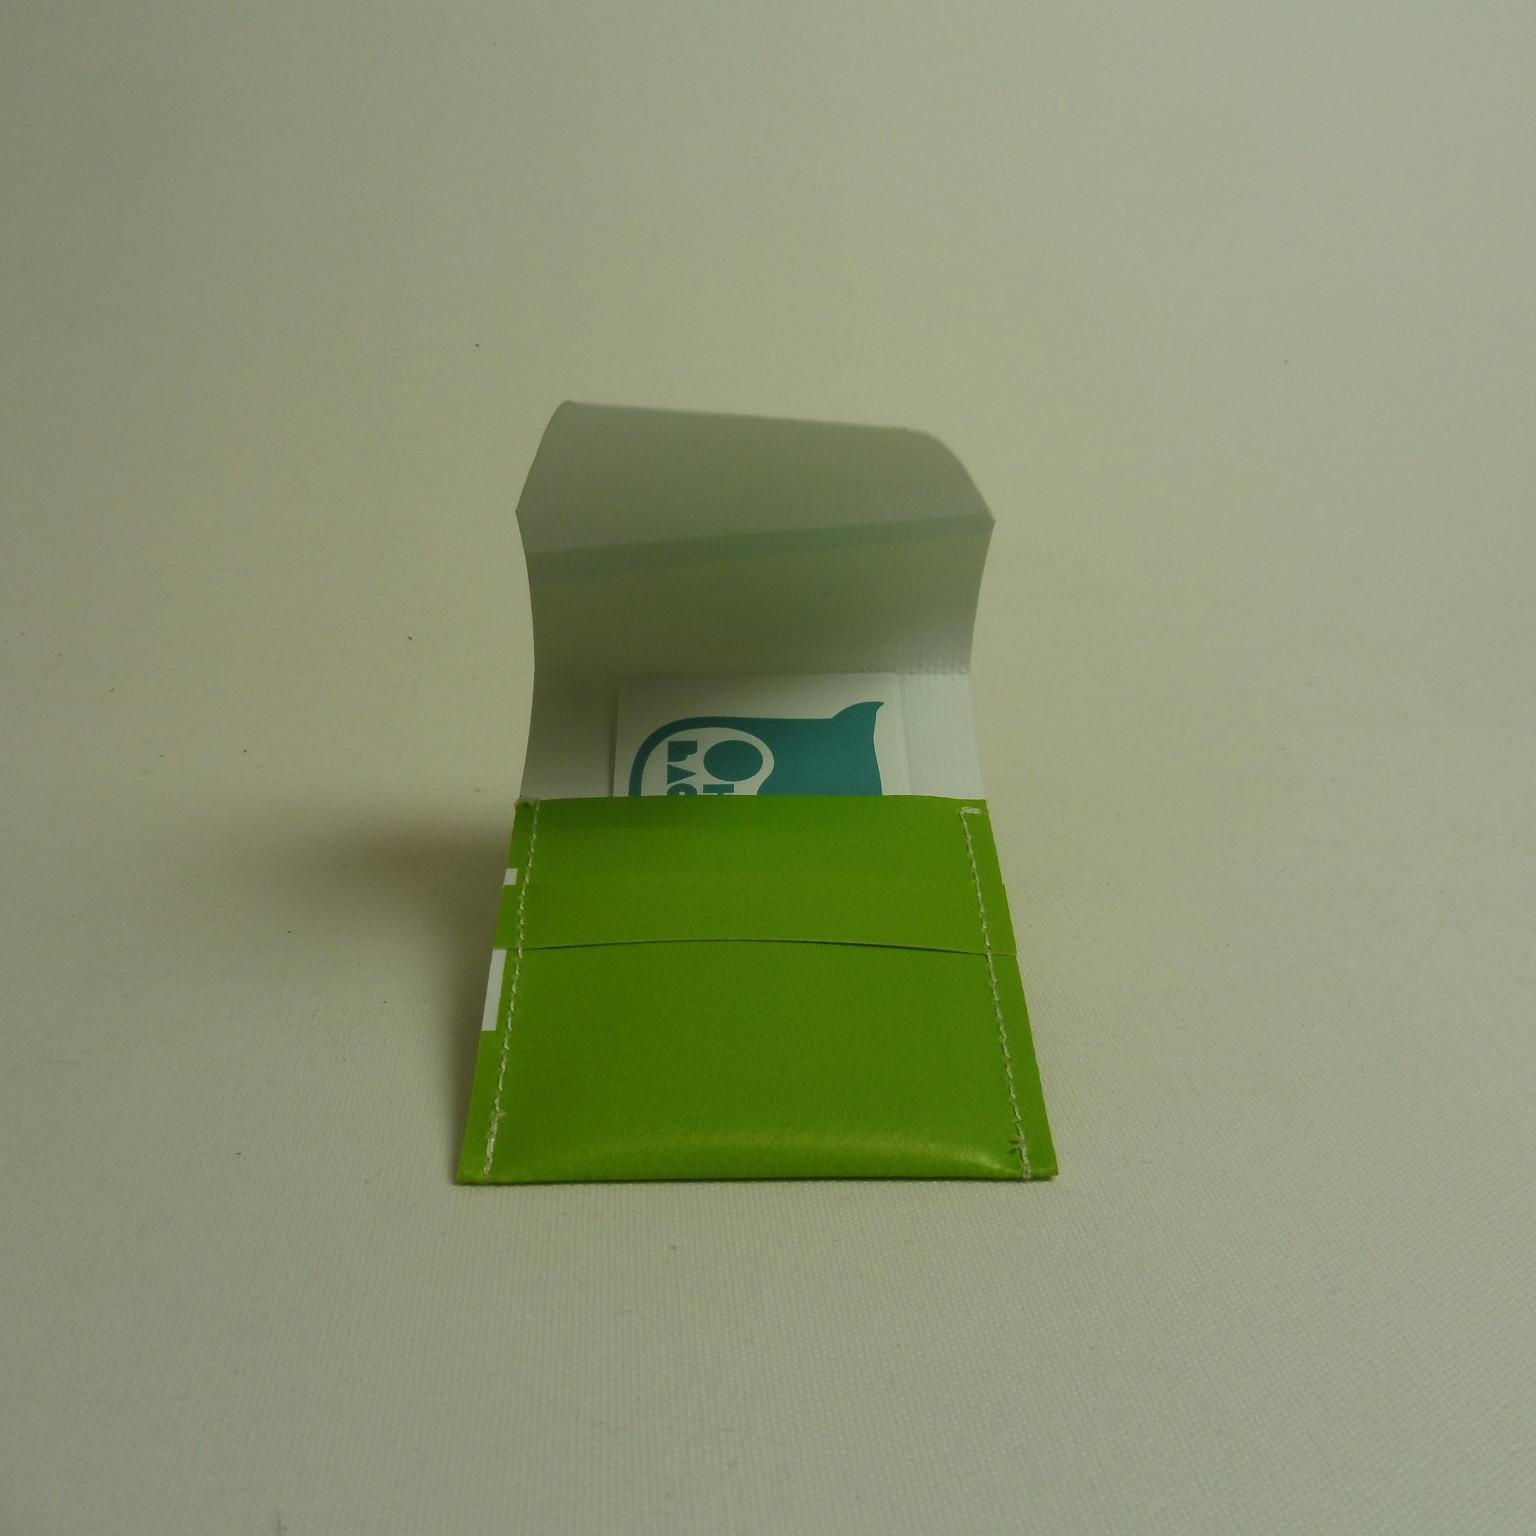 NESSIM étui à cartes de visite en bâche by Oh_la_bâche B ouvert